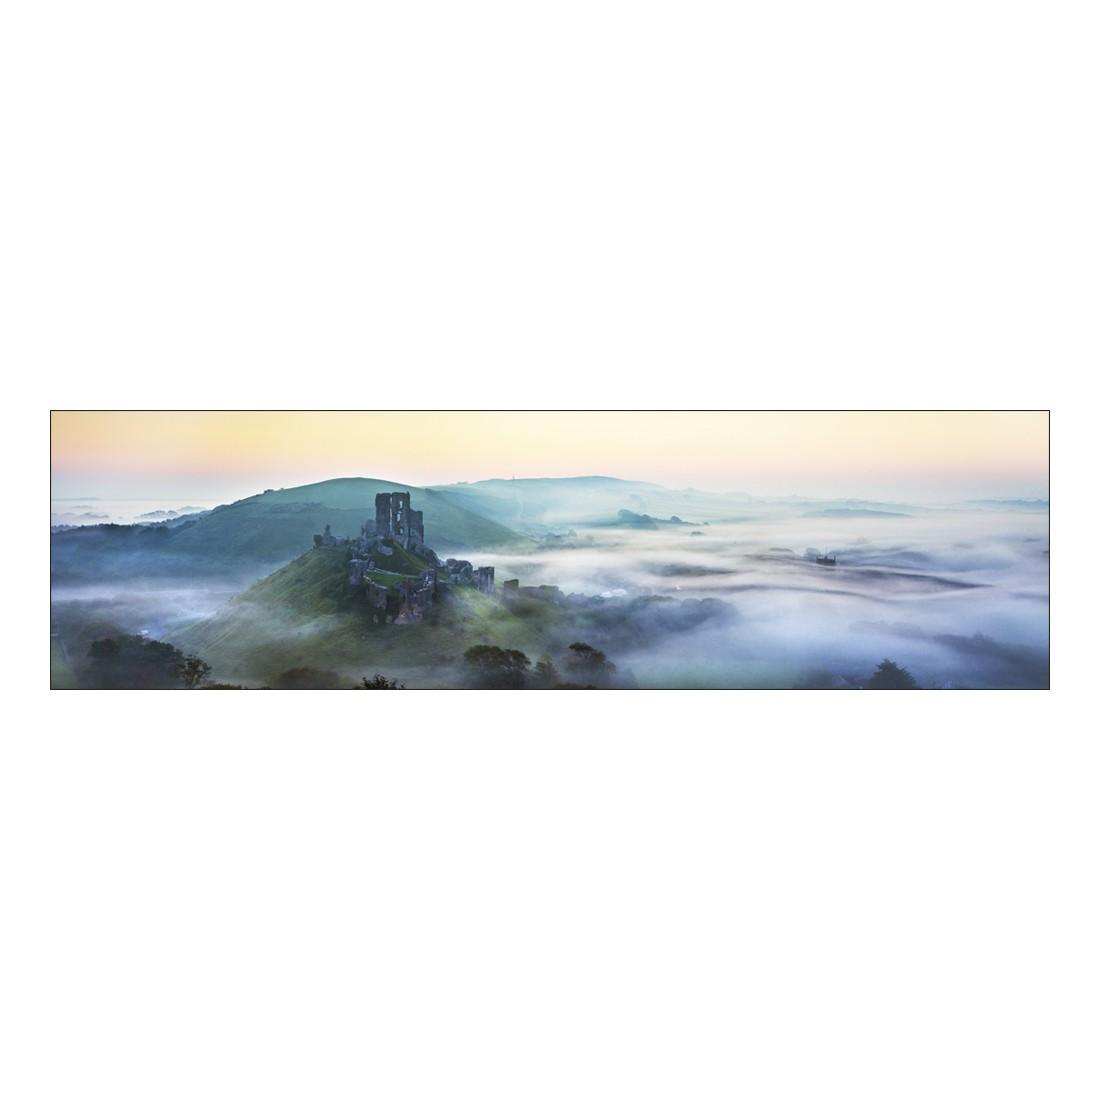 Leinwandbild MISTY MOUNTAIN RUINS – Abmessung 100 x 75 cm, Gallery of Innovative Art günstig bestellen